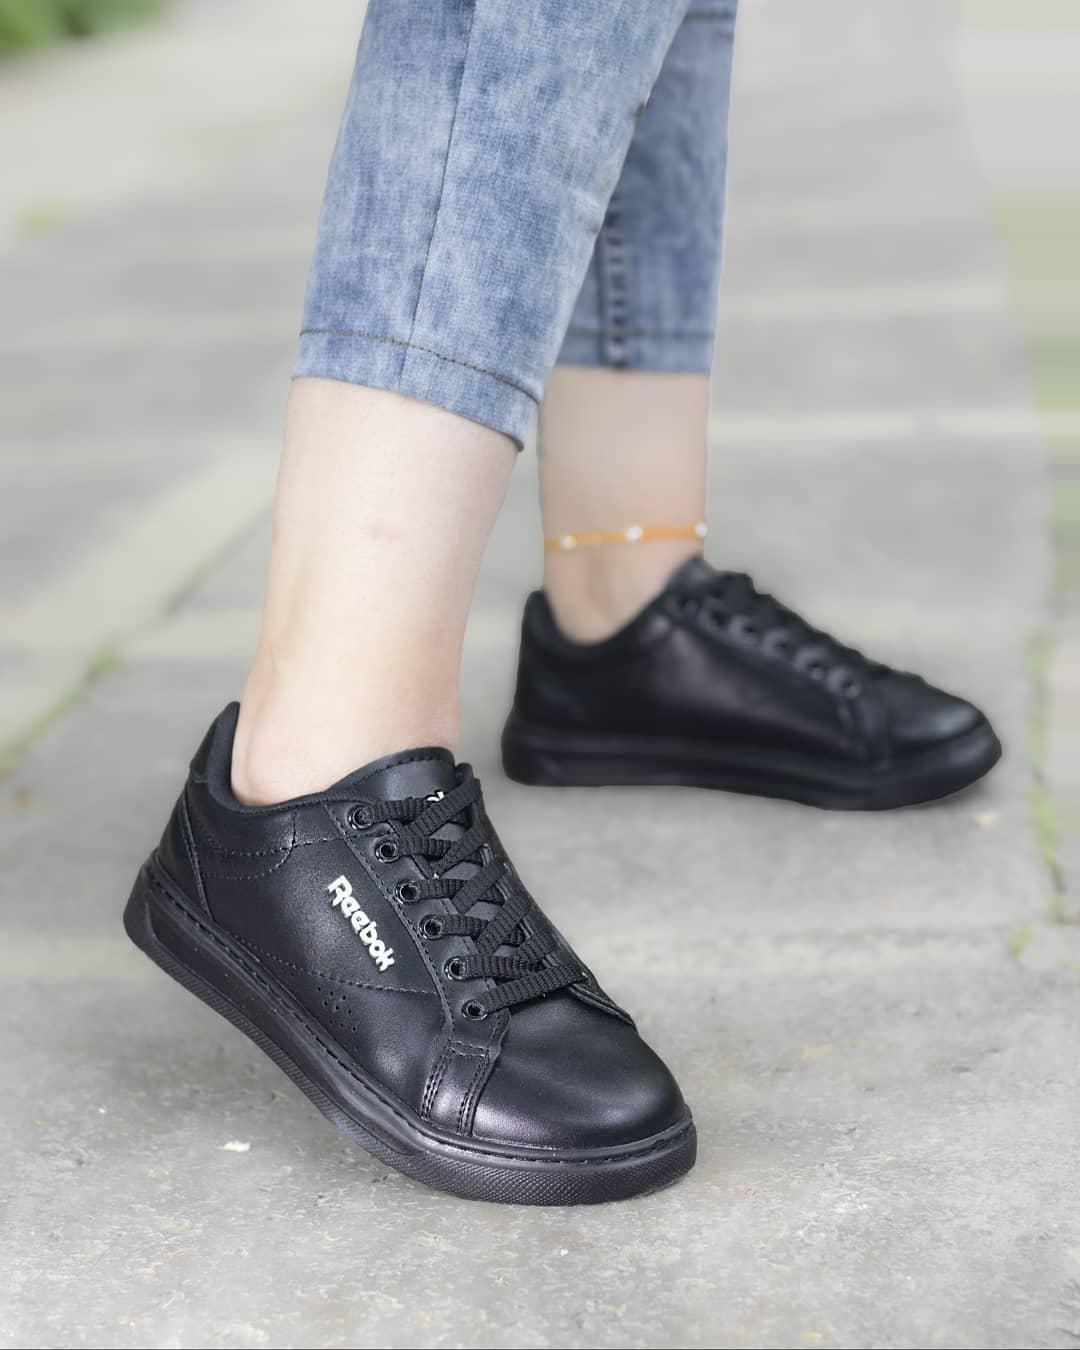 کفش اسپرت دخترانه مشکی - کفش تعطیلات